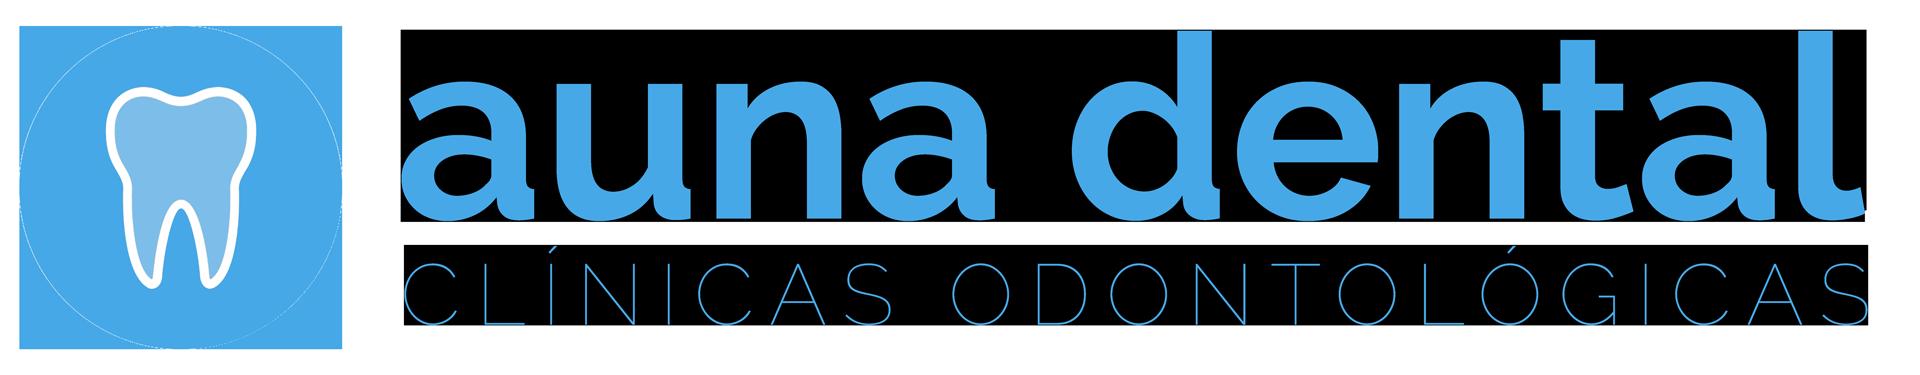 aunadental-logo